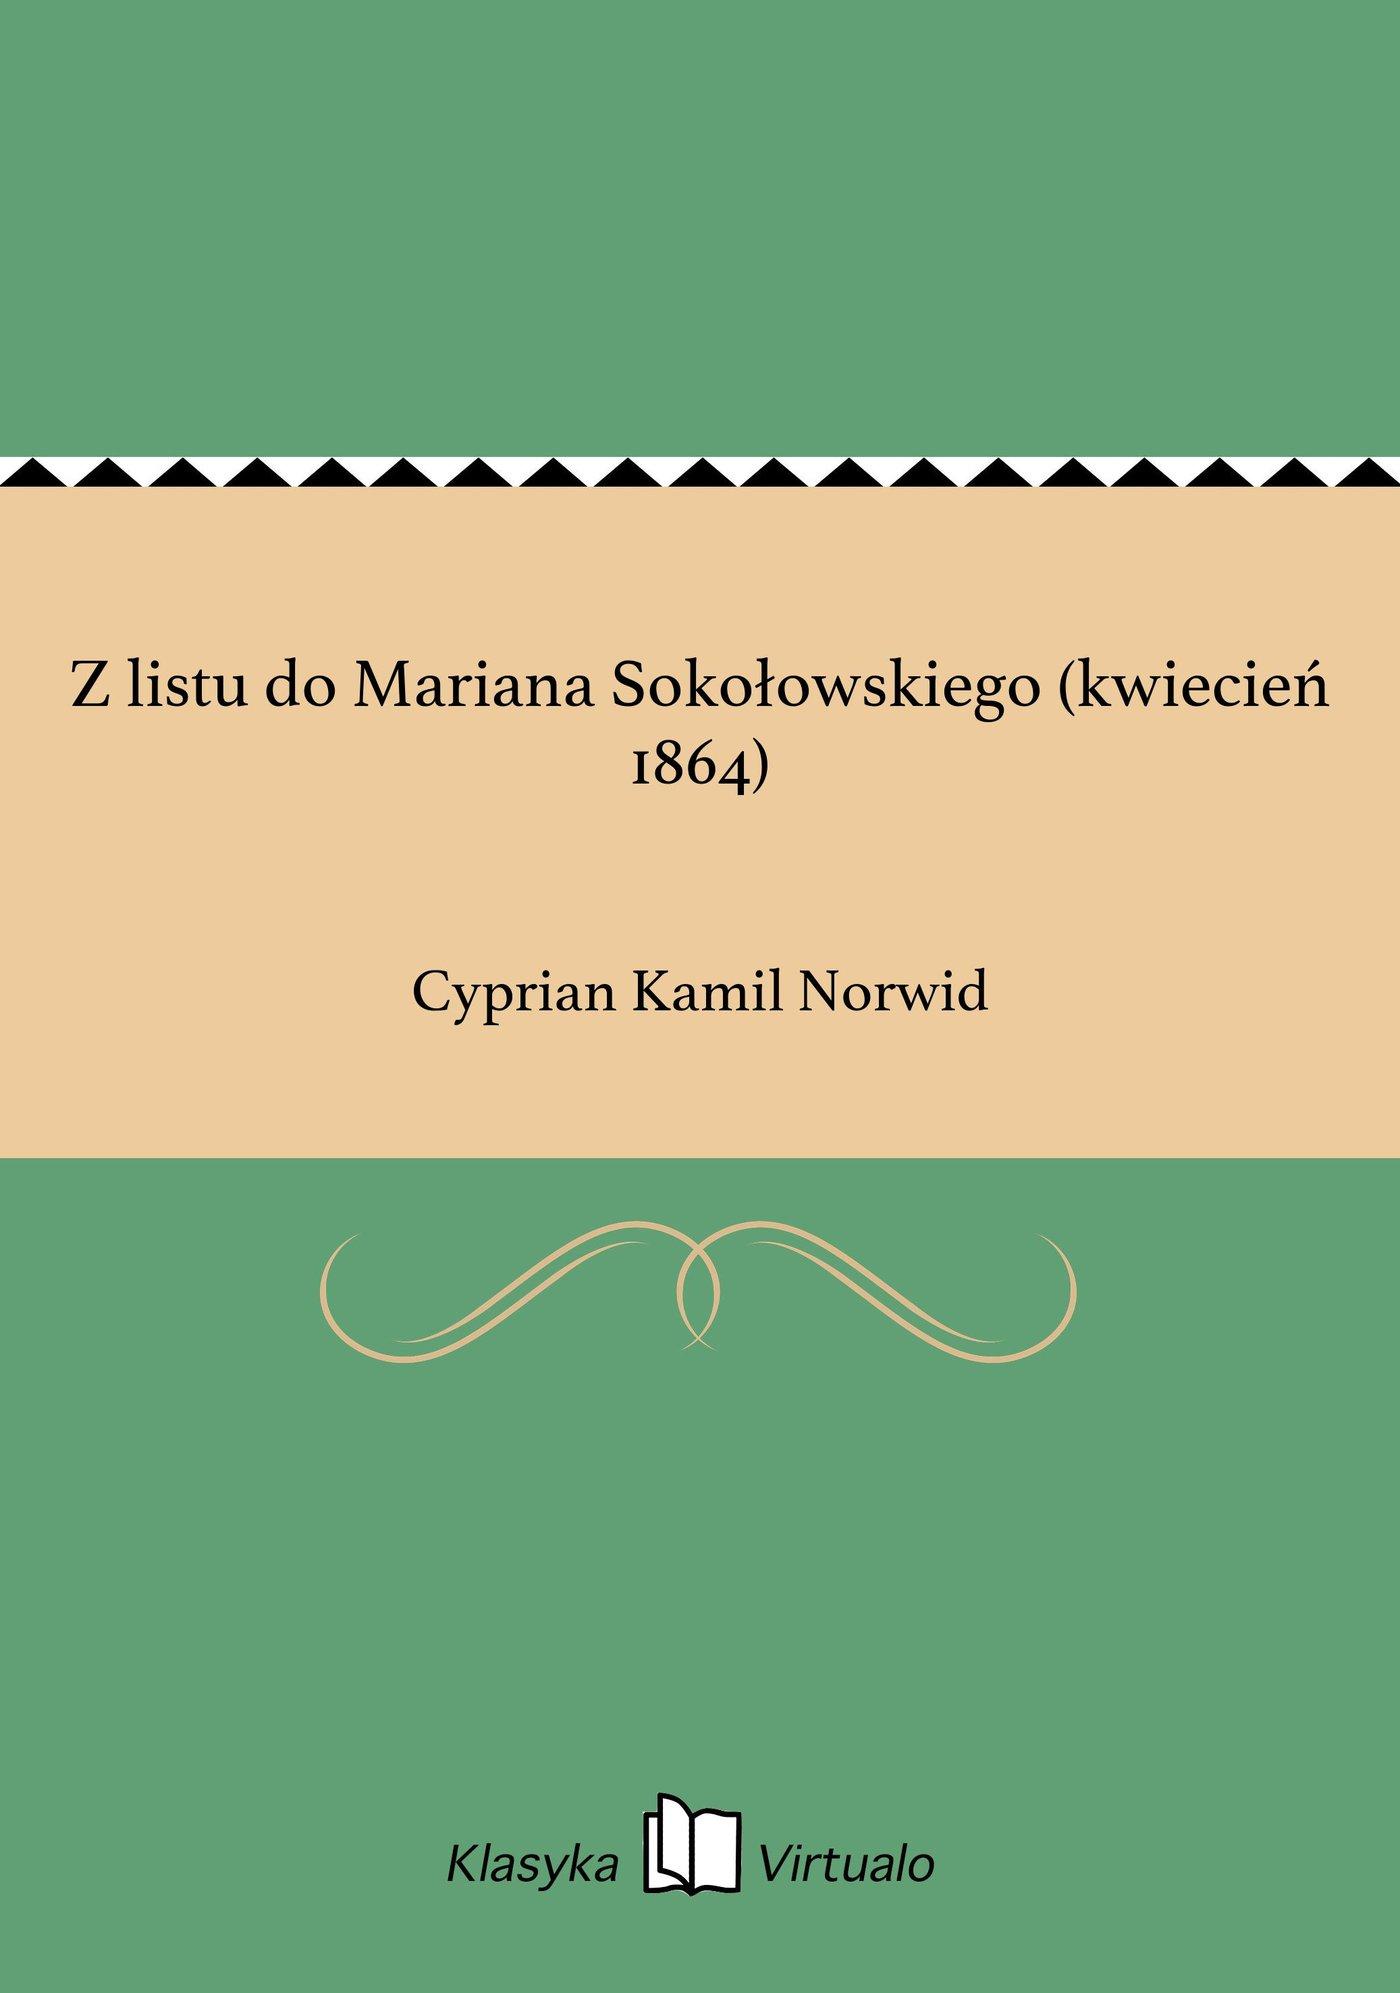 Z listu do Mariana Sokołowskiego (kwiecień 1864) - Ebook (Książka EPUB) do pobrania w formacie EPUB